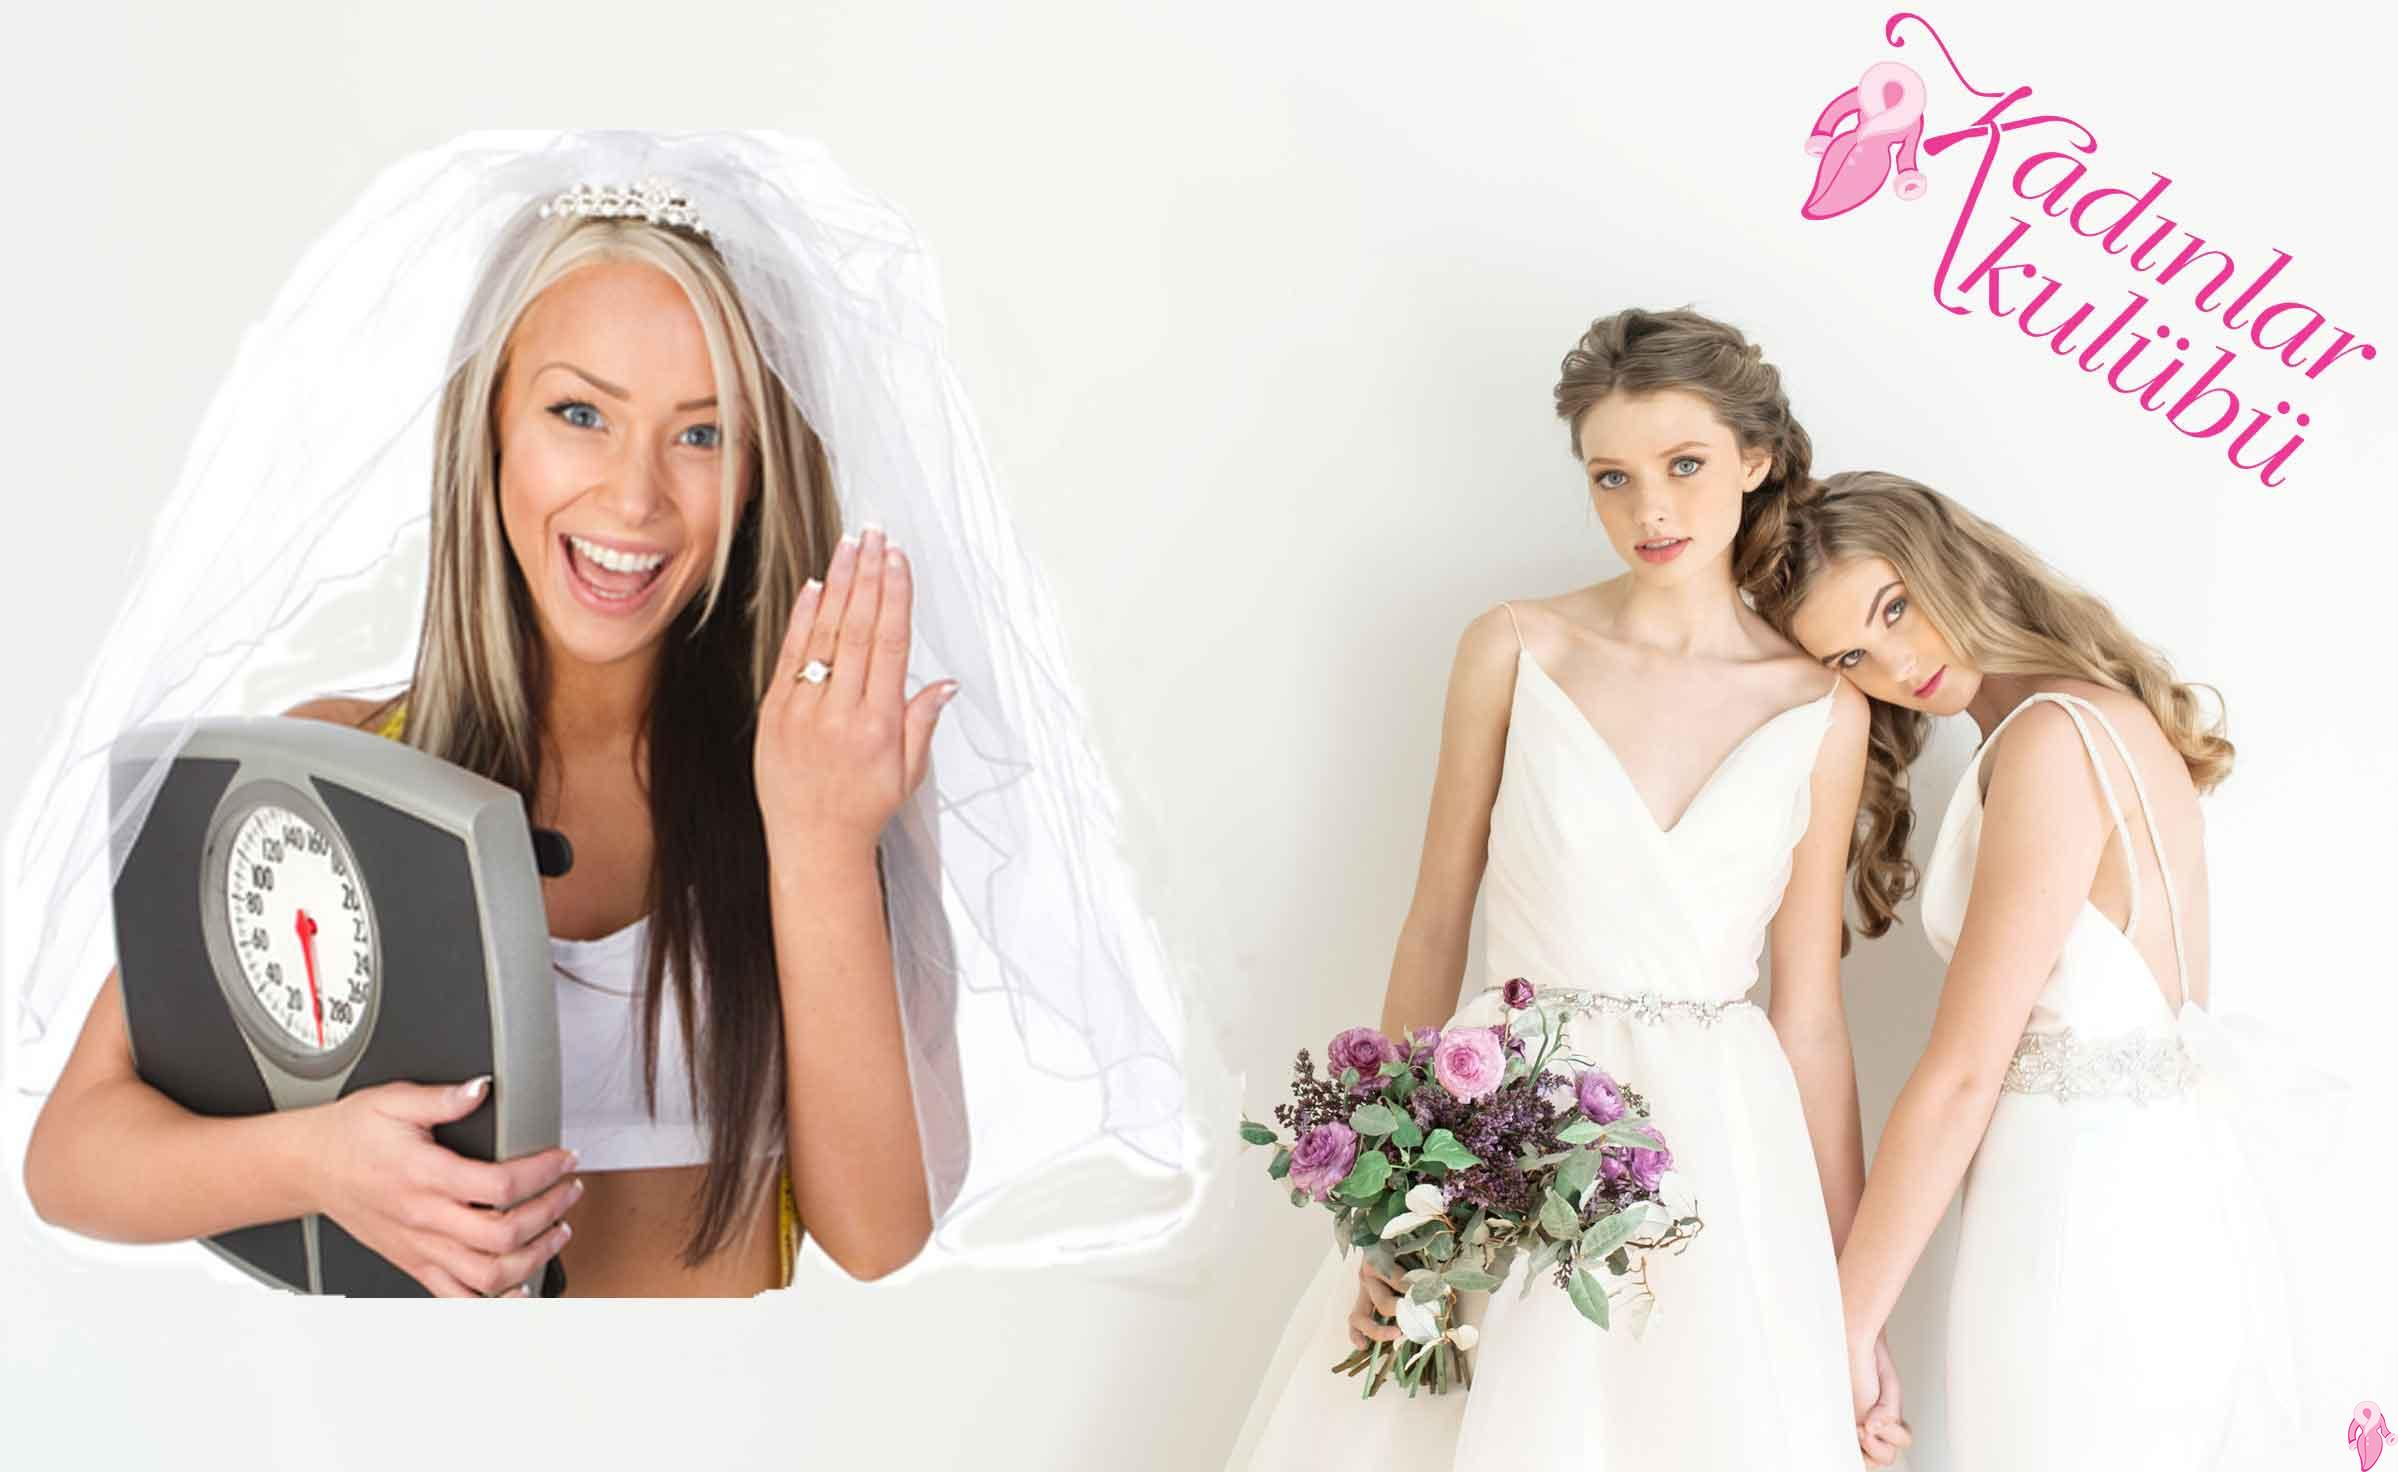 Gelinlik İçin Gelin Diyeti 1 Haftada 3 Kilo Verme Düğün Diyet Listesi